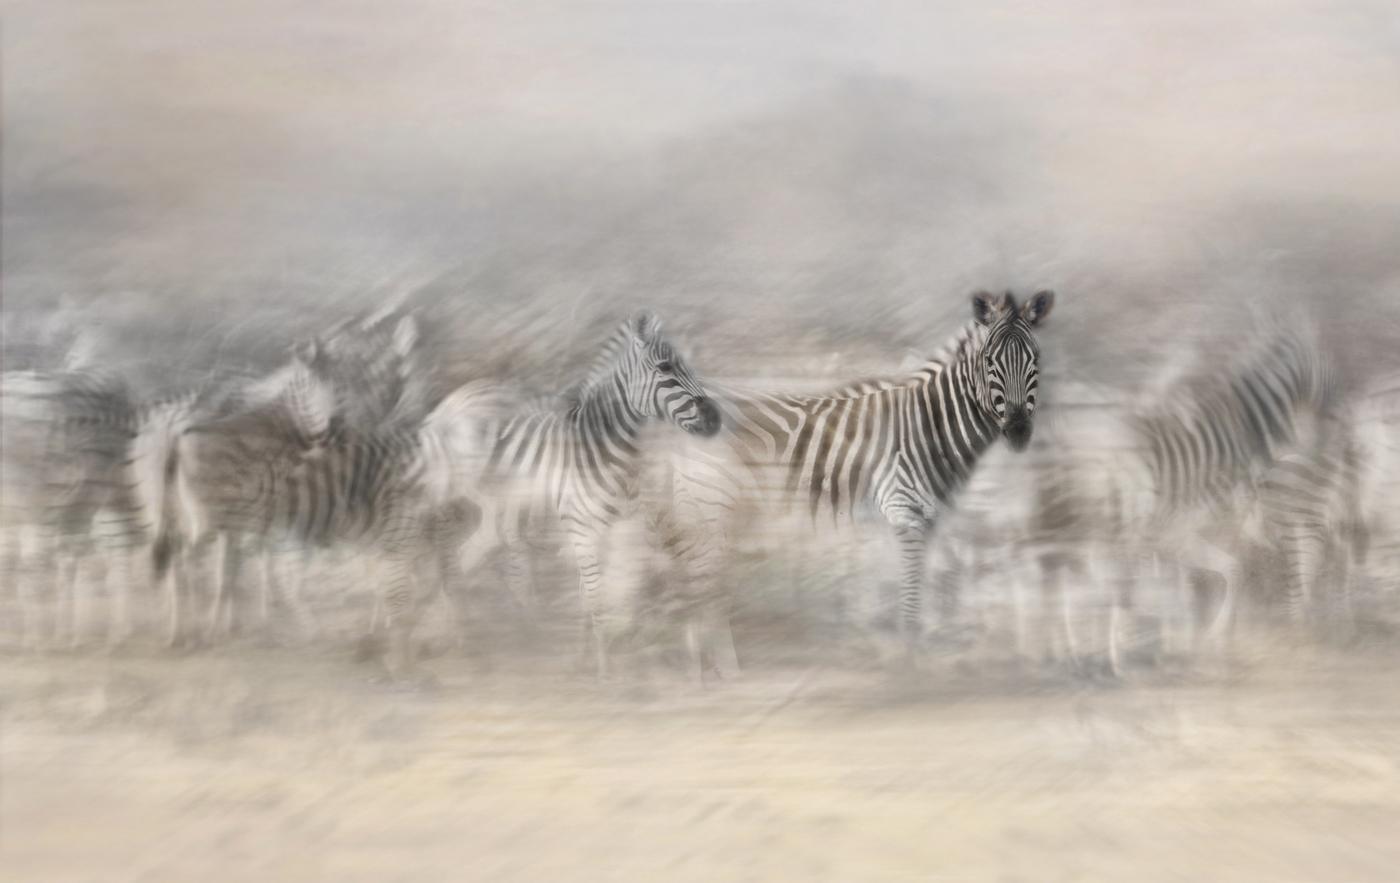 zebra lookout